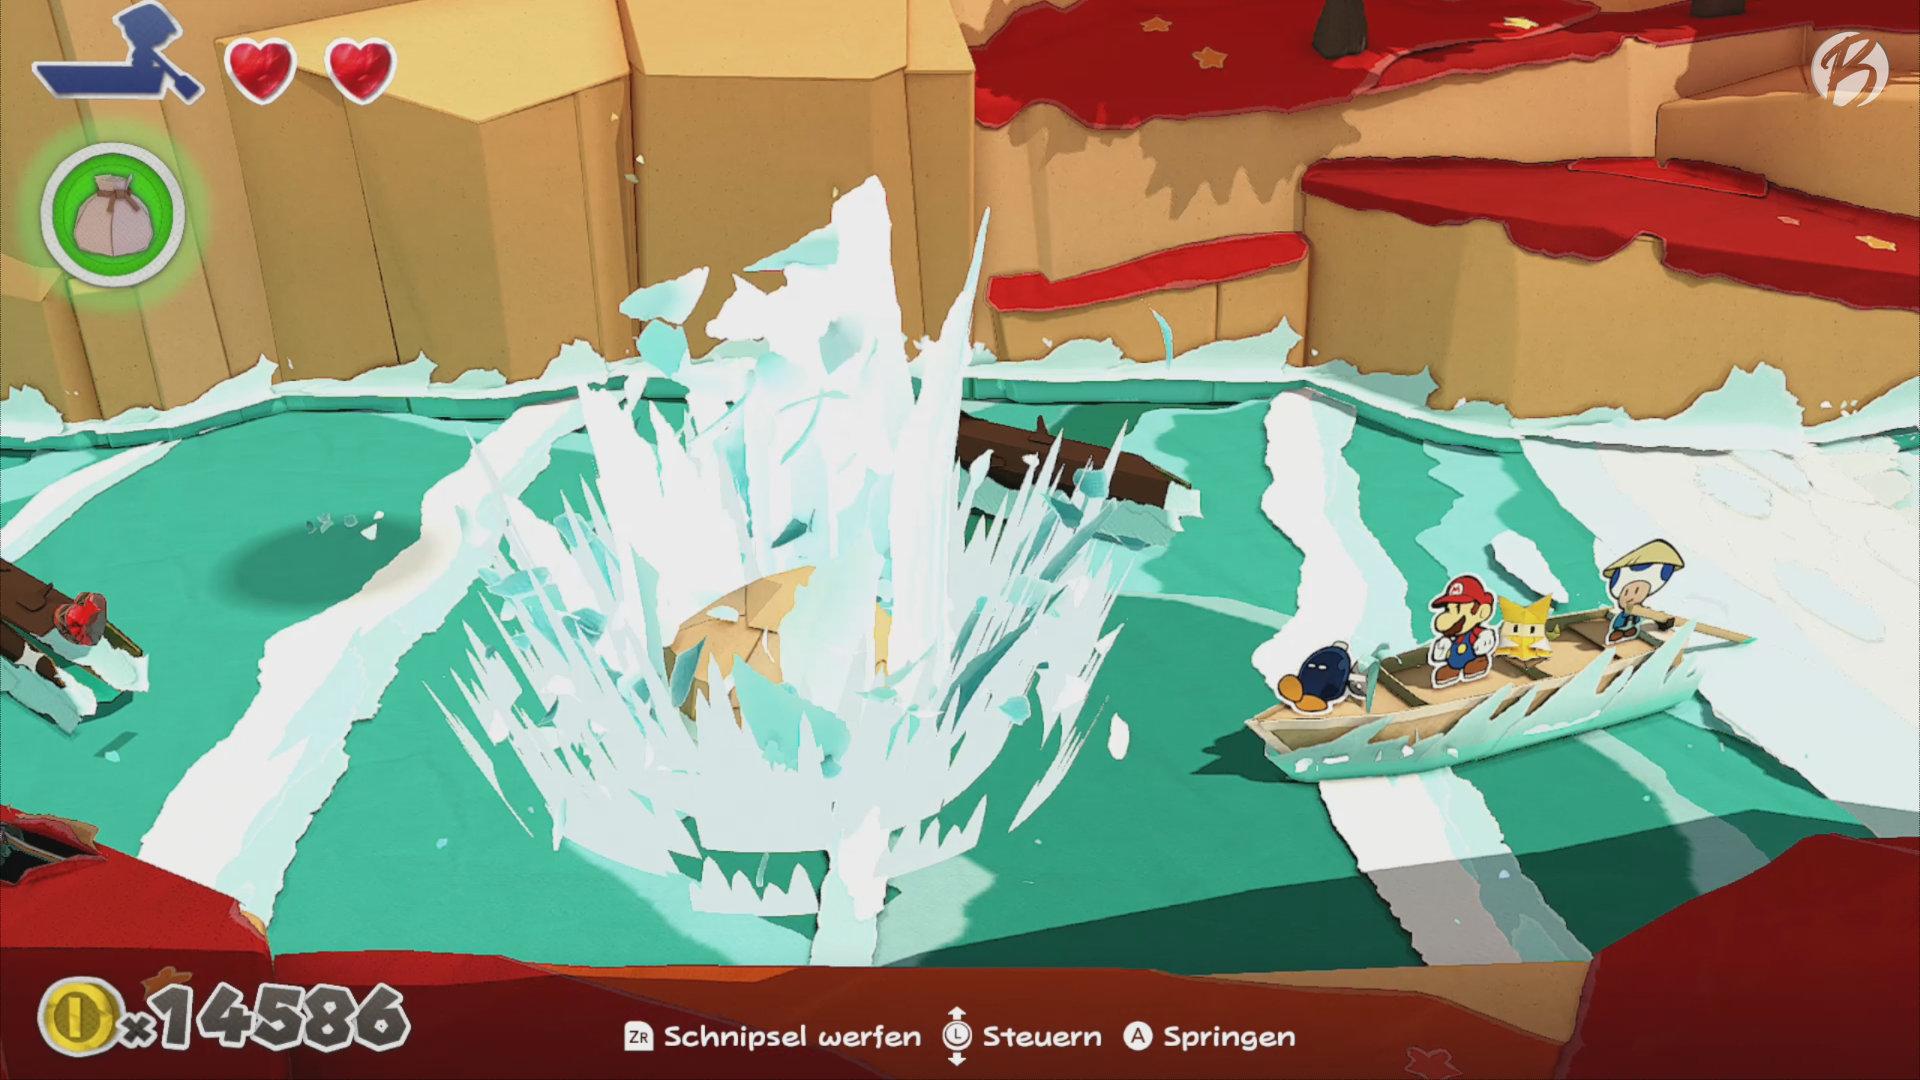 Paper Mario: The Origami King - In den Stromschnellen müssen wir schnell das kleine Boot richtig ausrichten.